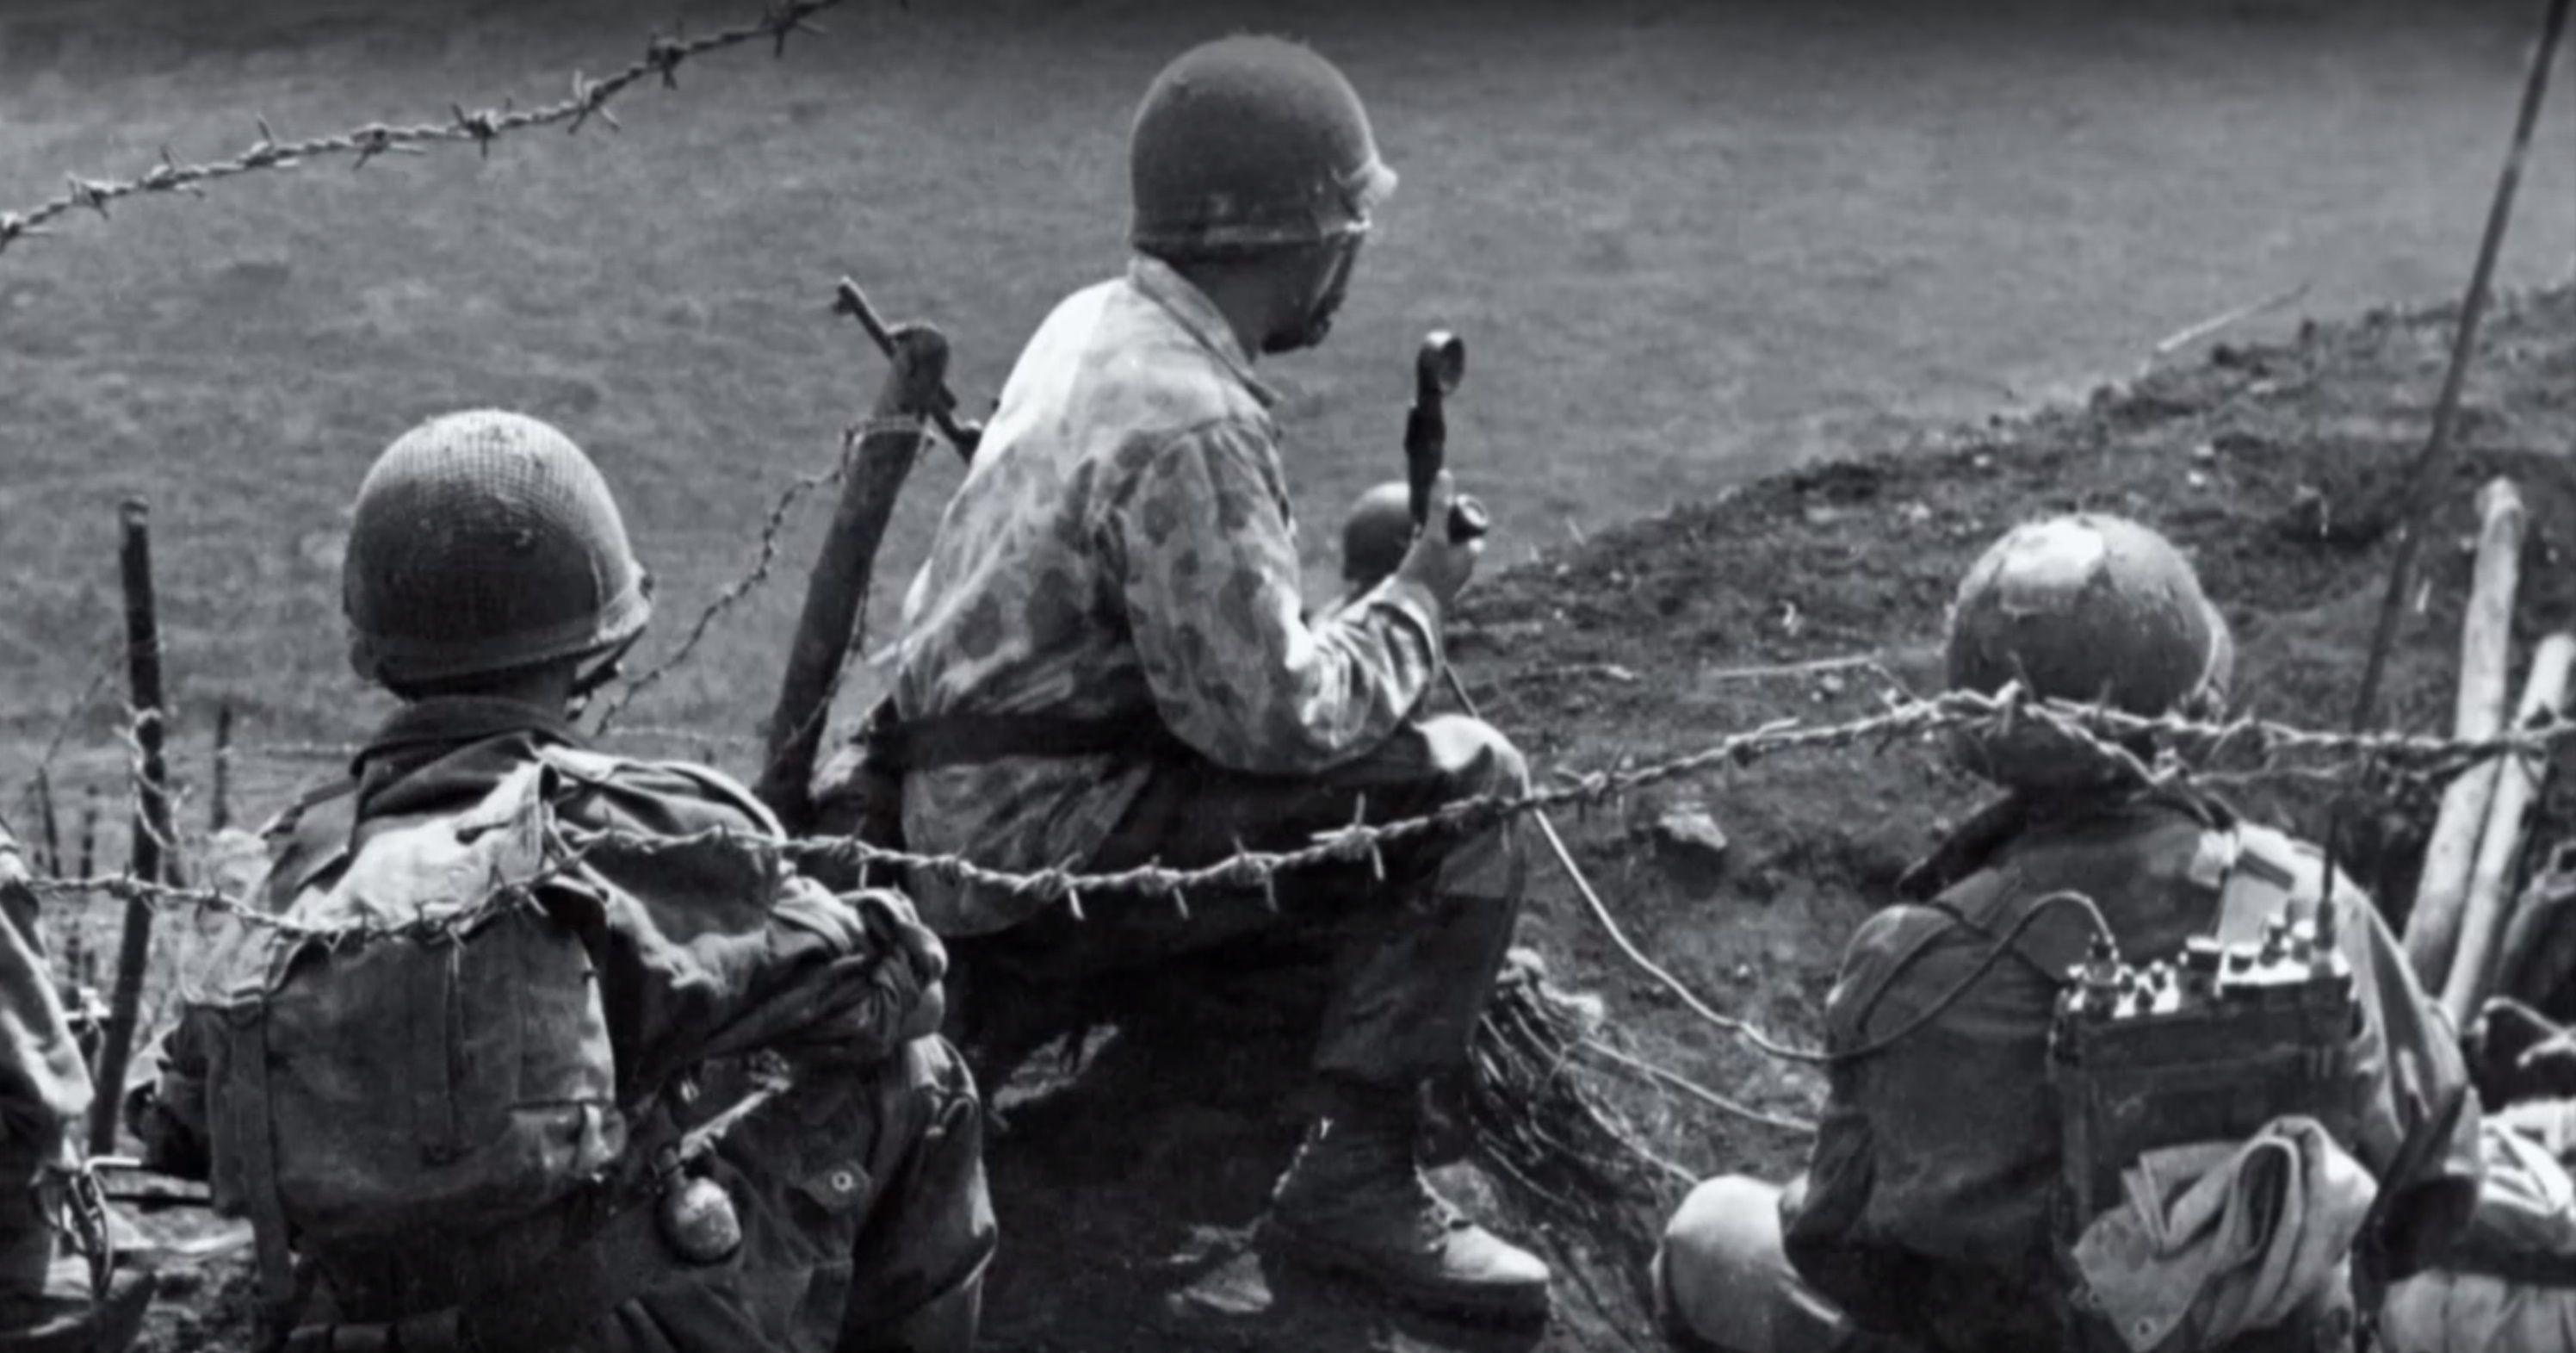 Điện Biên Phủ. Guerre Indochine. Indochina war.   Armée ...